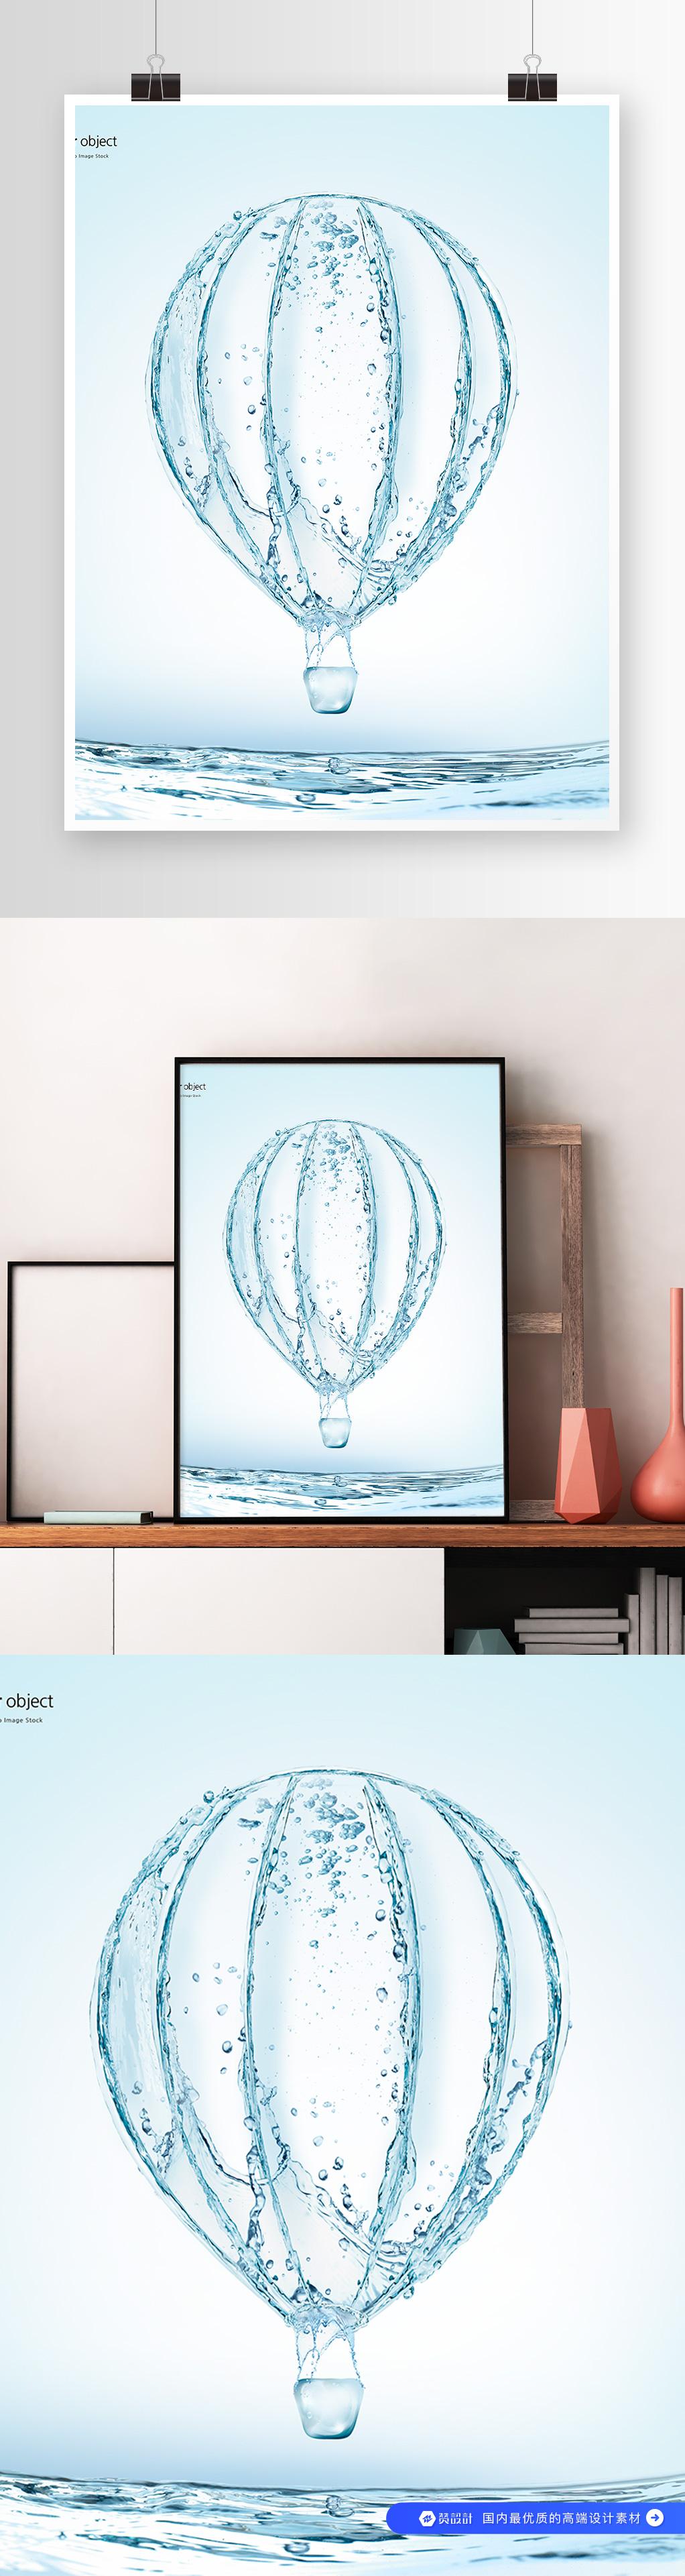 溅起的水花纯净水热气球海报素材psd